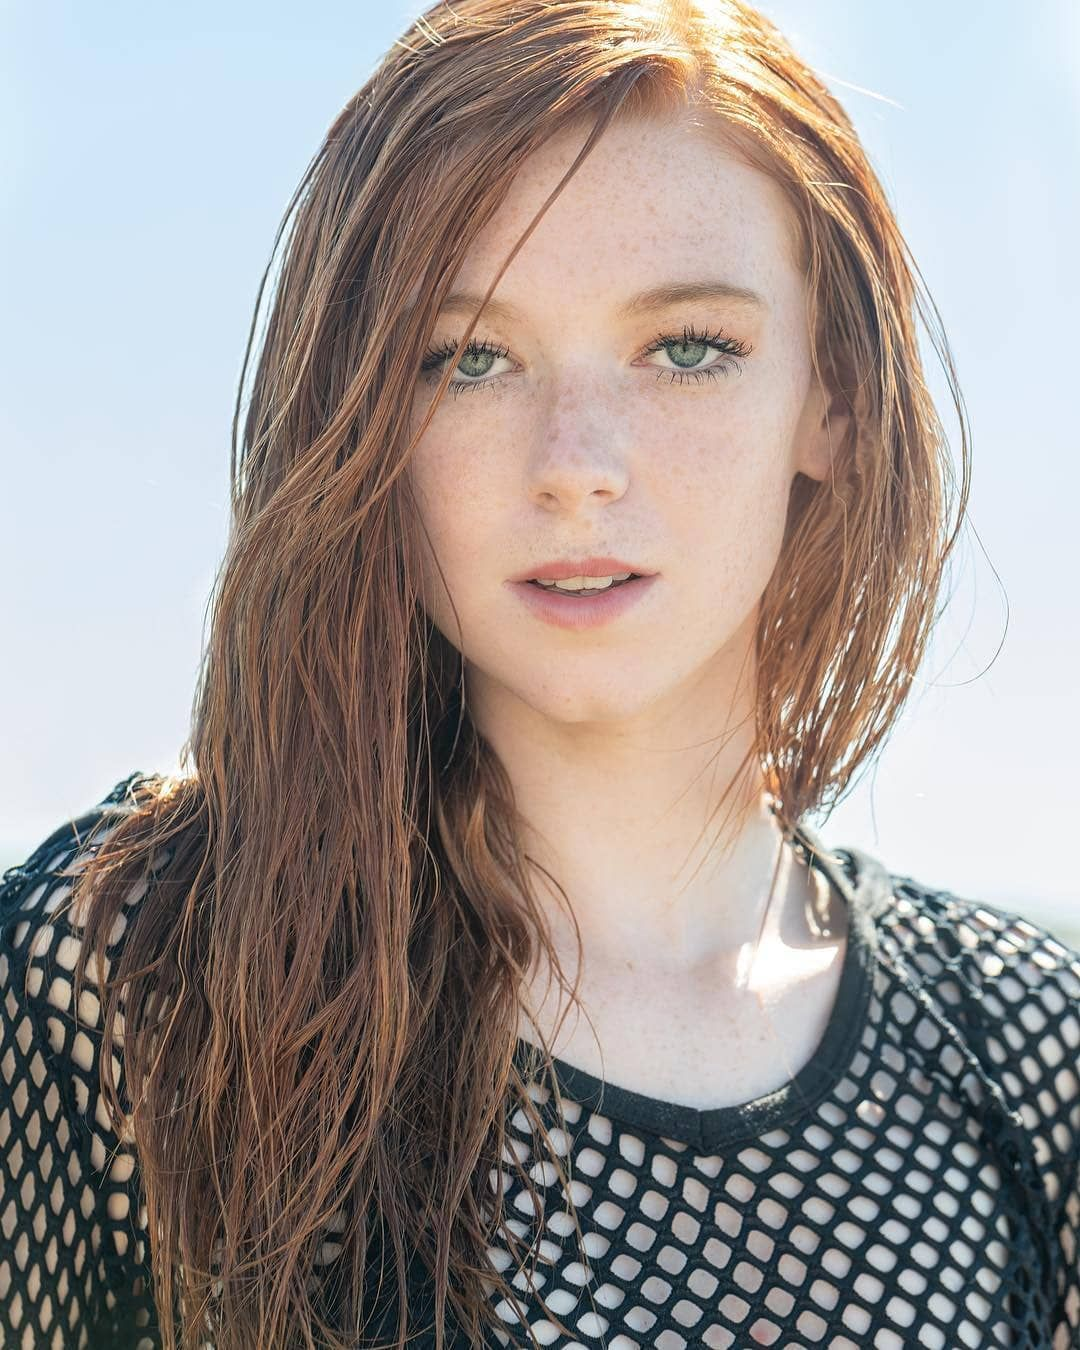 Megan redhead sexiest